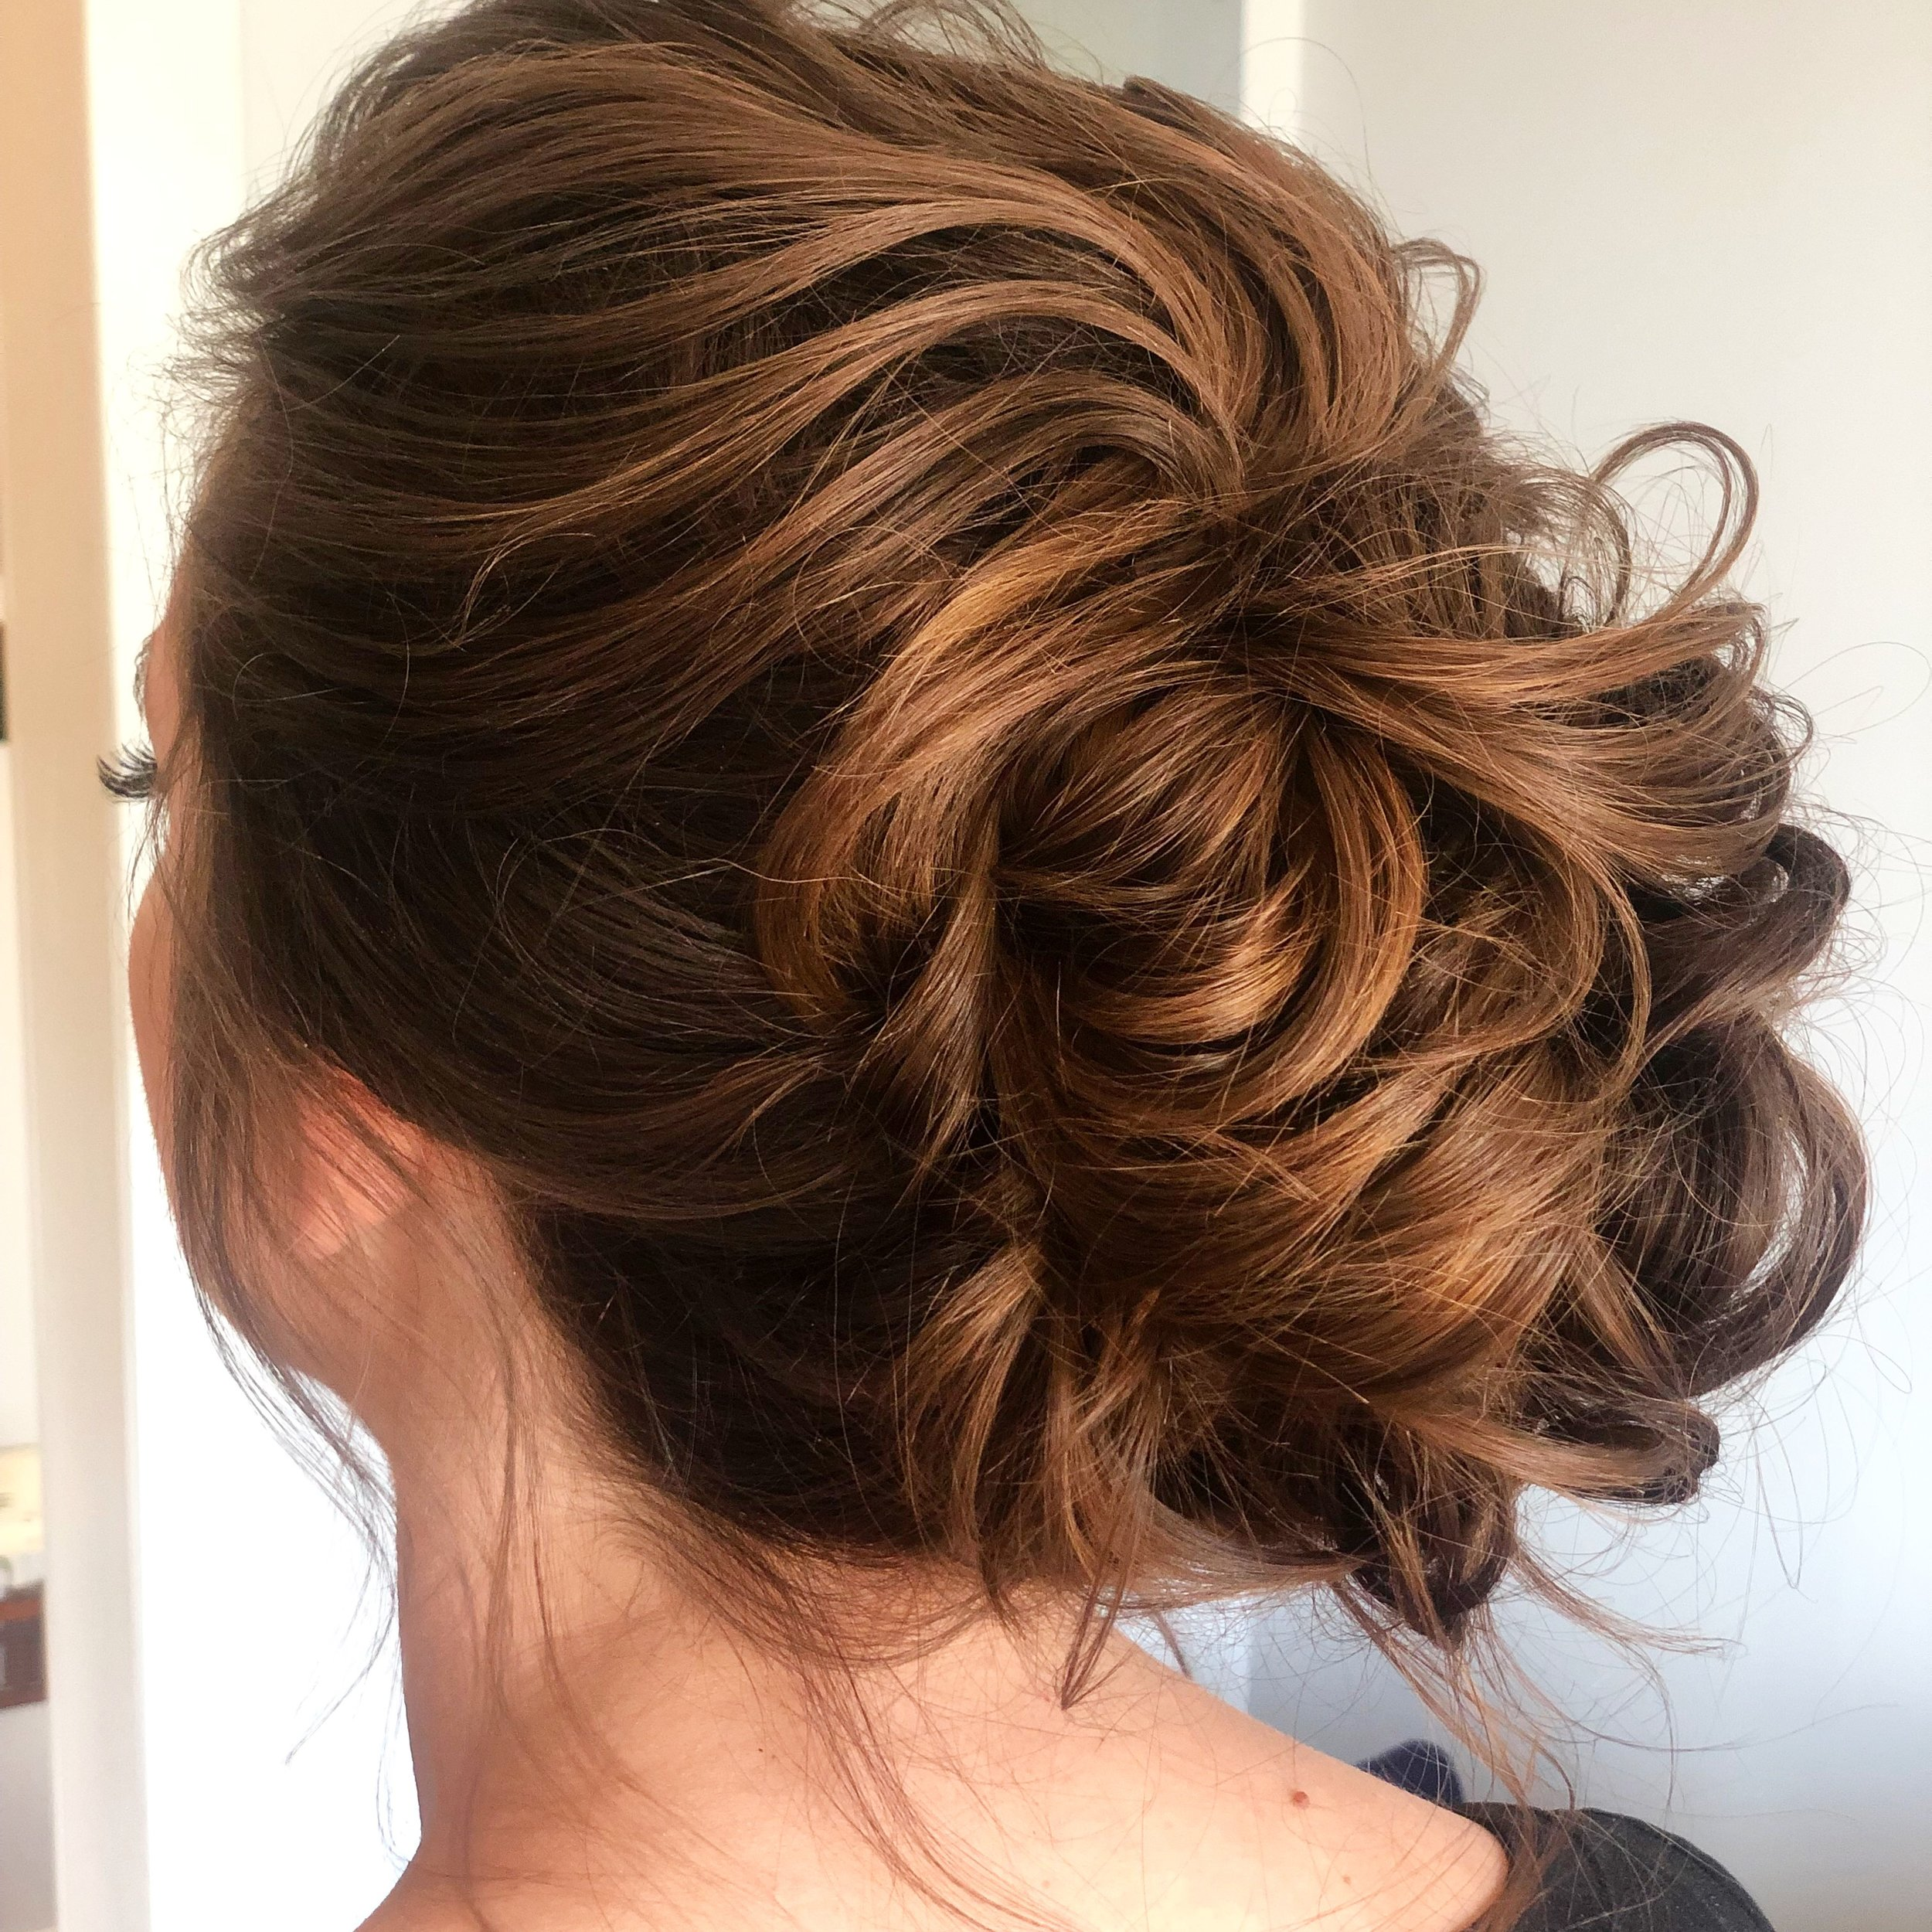 charleston-wedding-hairstylist